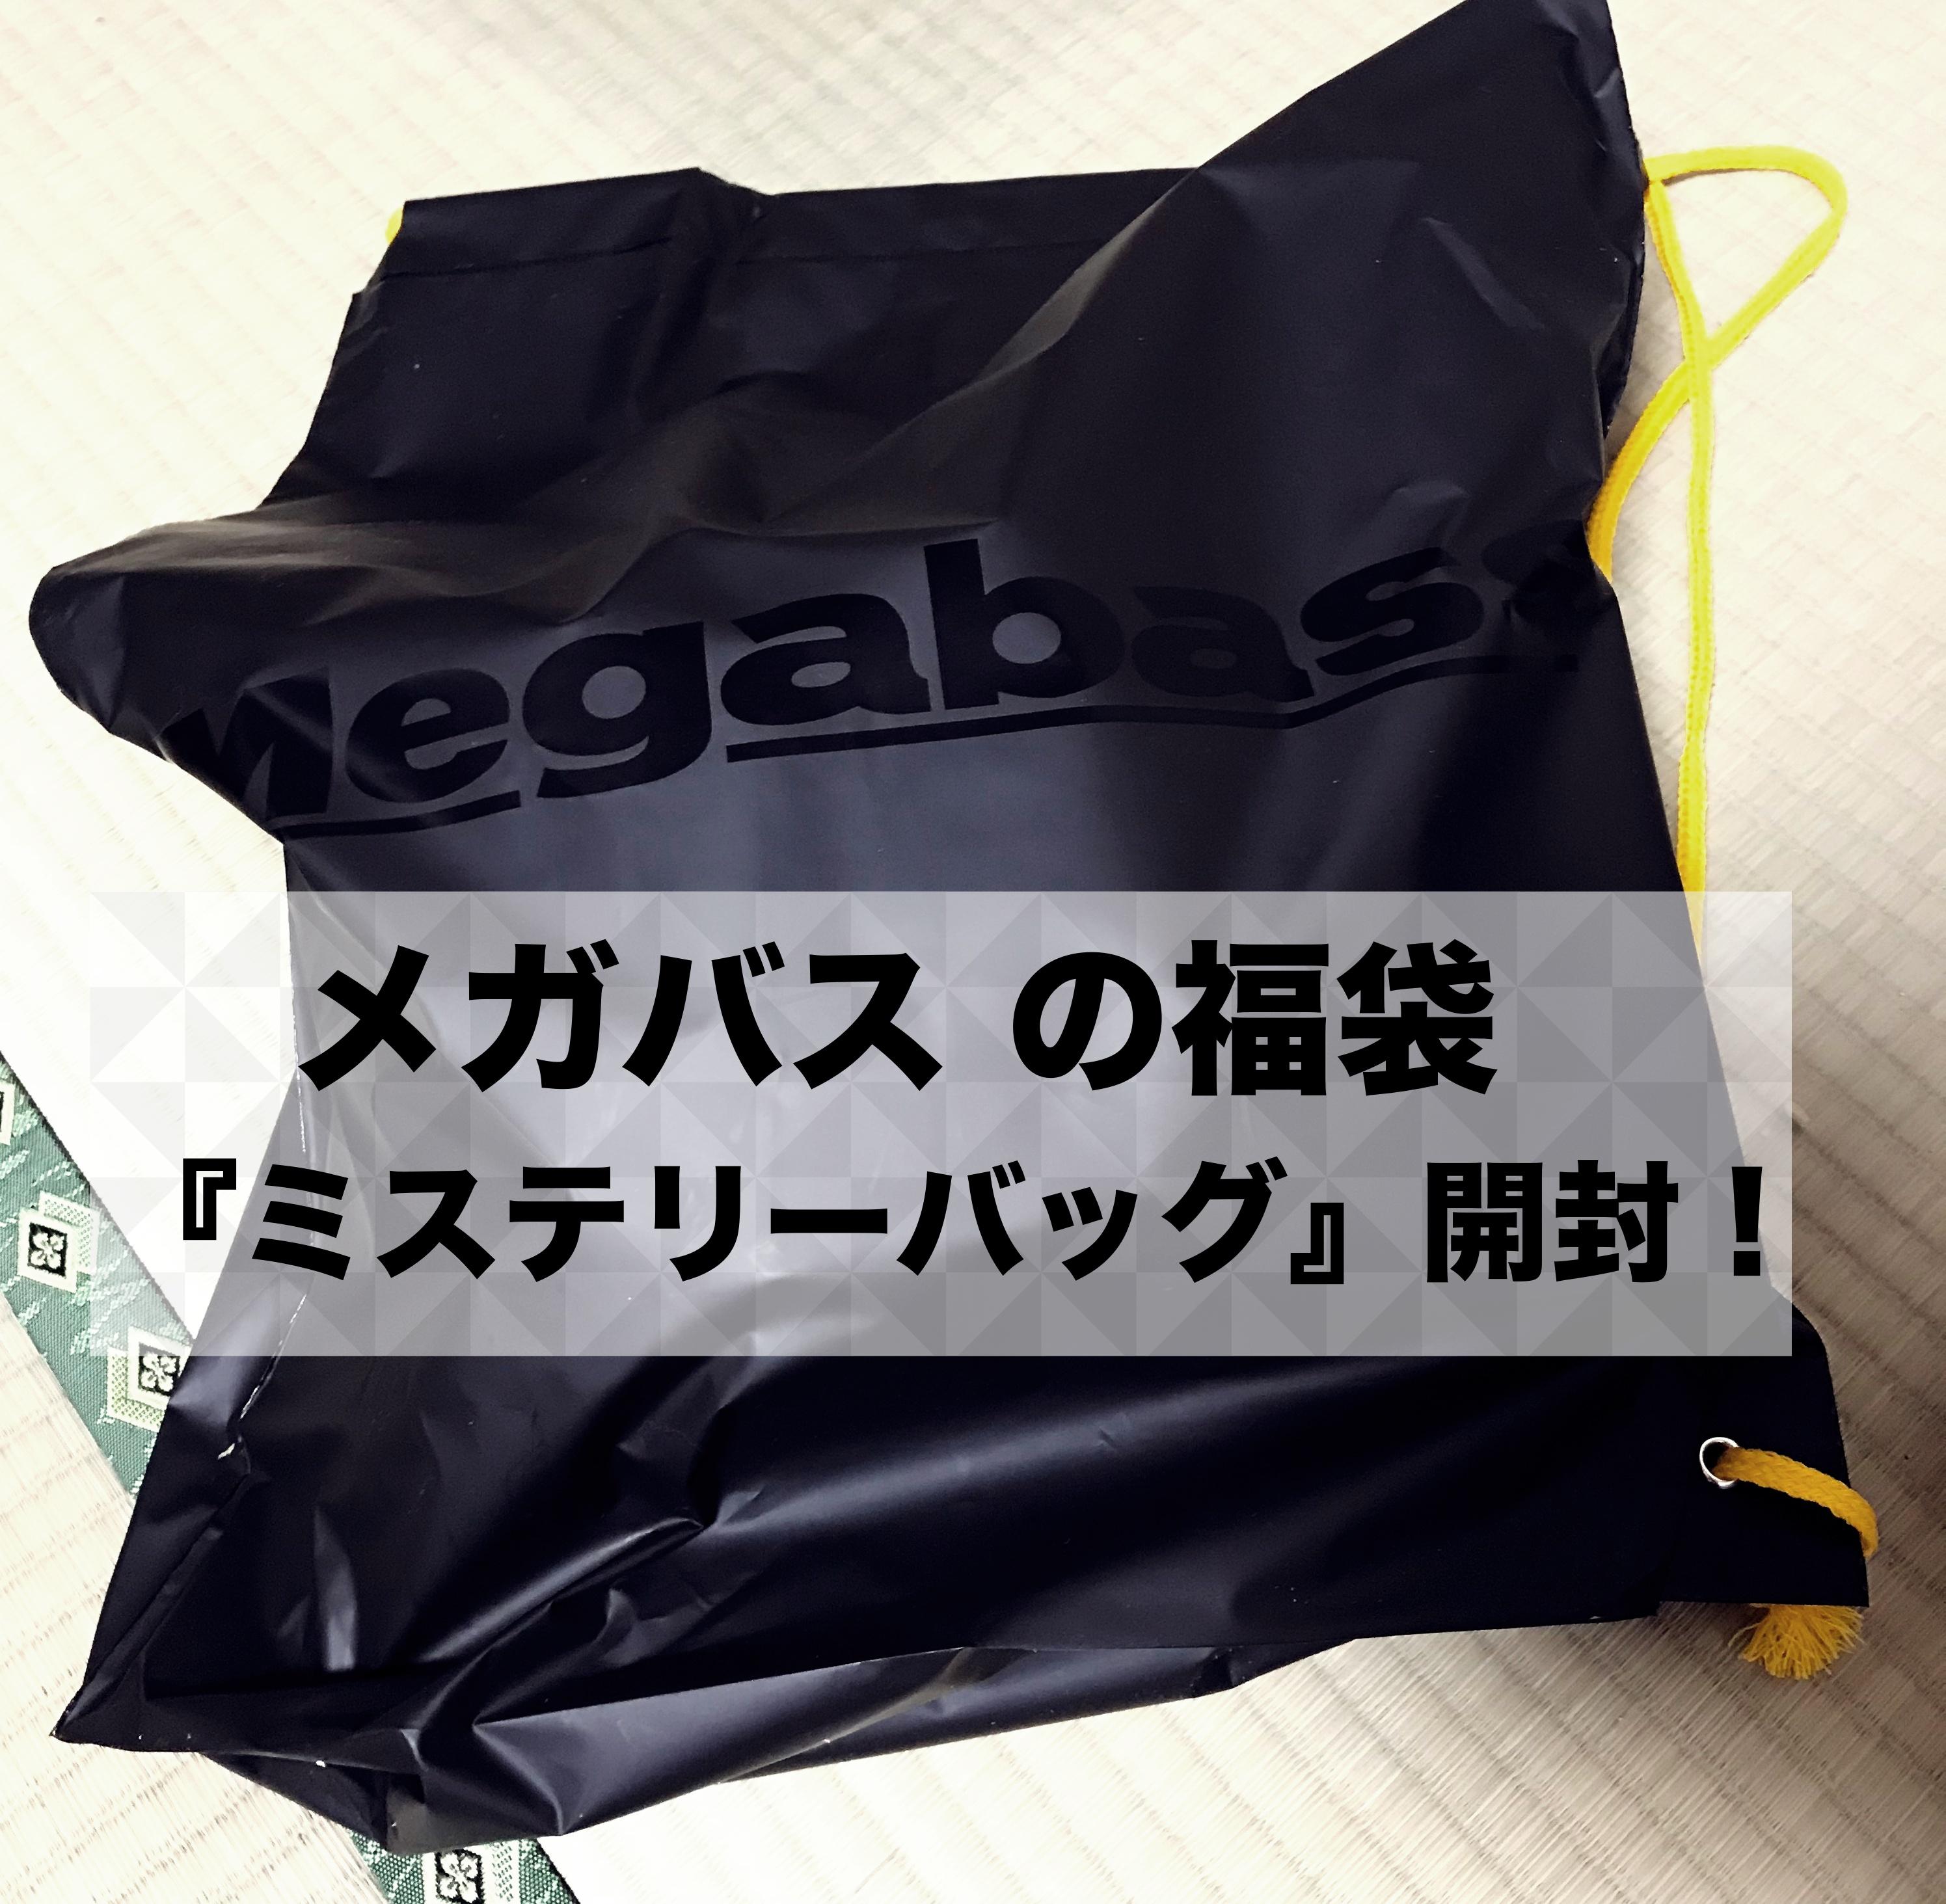 【2018】メガバス オンライン限定の『ミステリーバッグ』を買ってみた!中身を一挙公開!